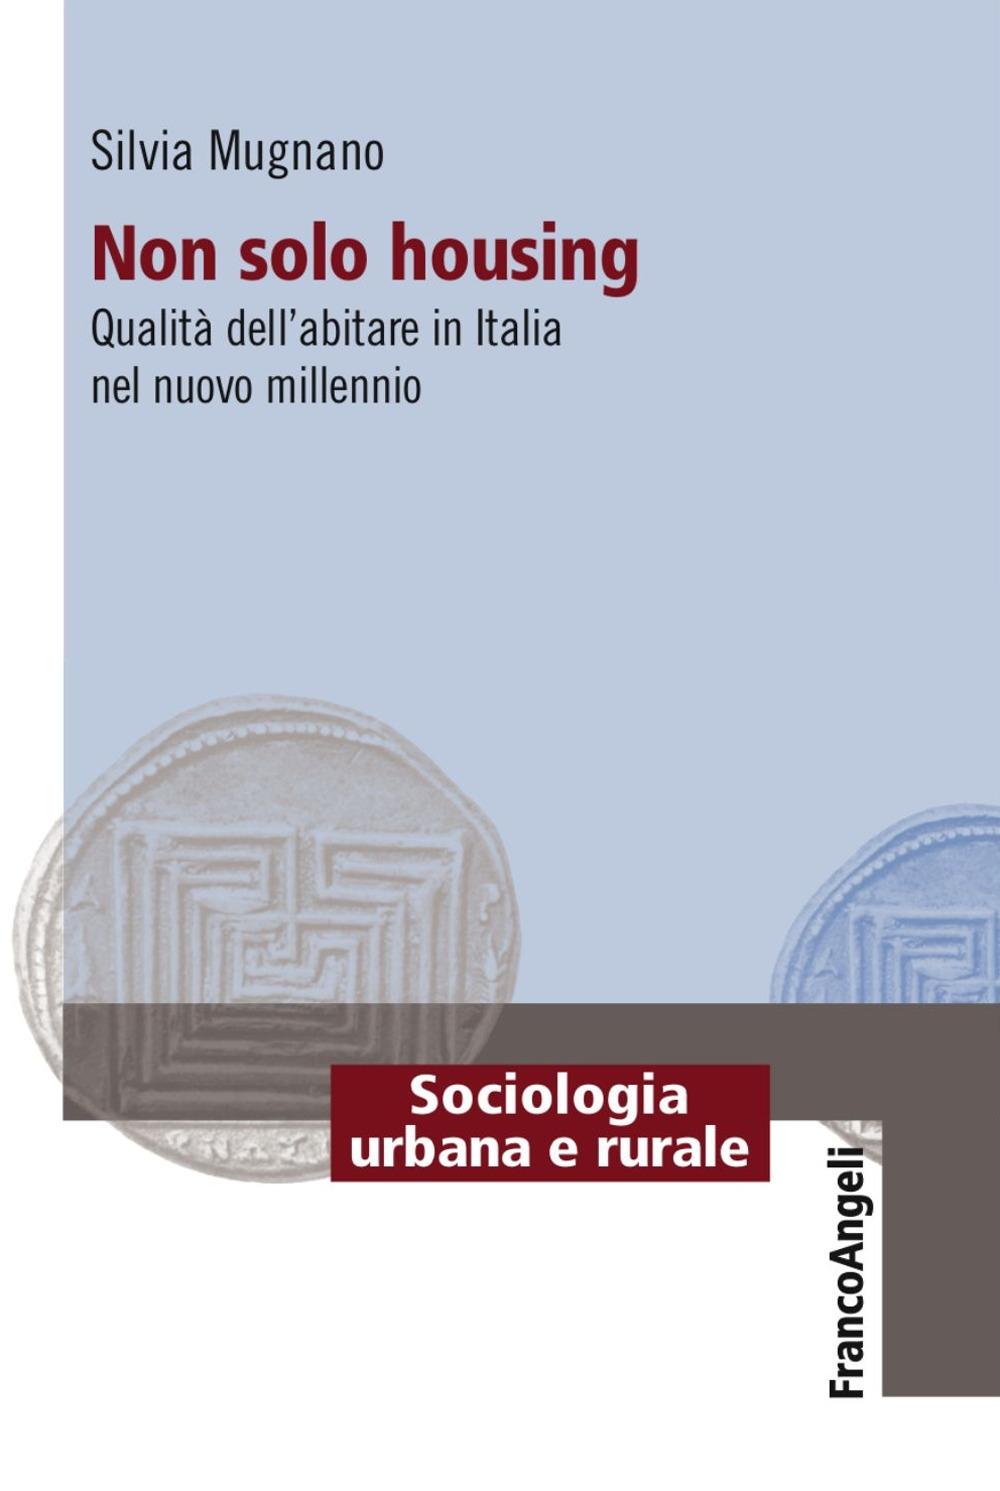 Non solo housing. Qualità dell'abitare in Italia nel nuovo millennio